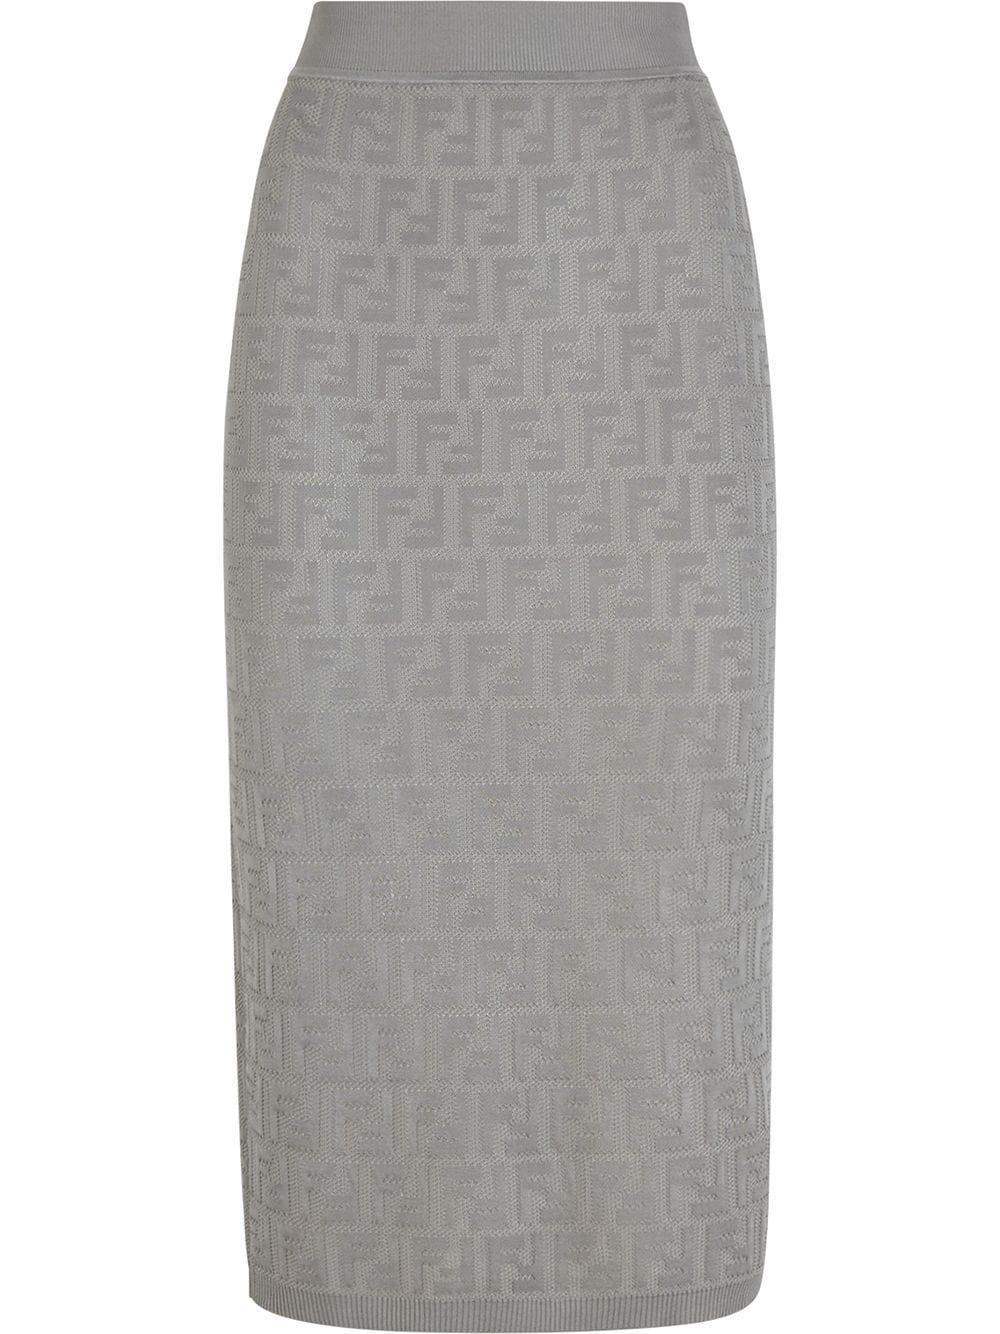 Knit Skirt Ff Item # FZQ598-ABWQ-PF20